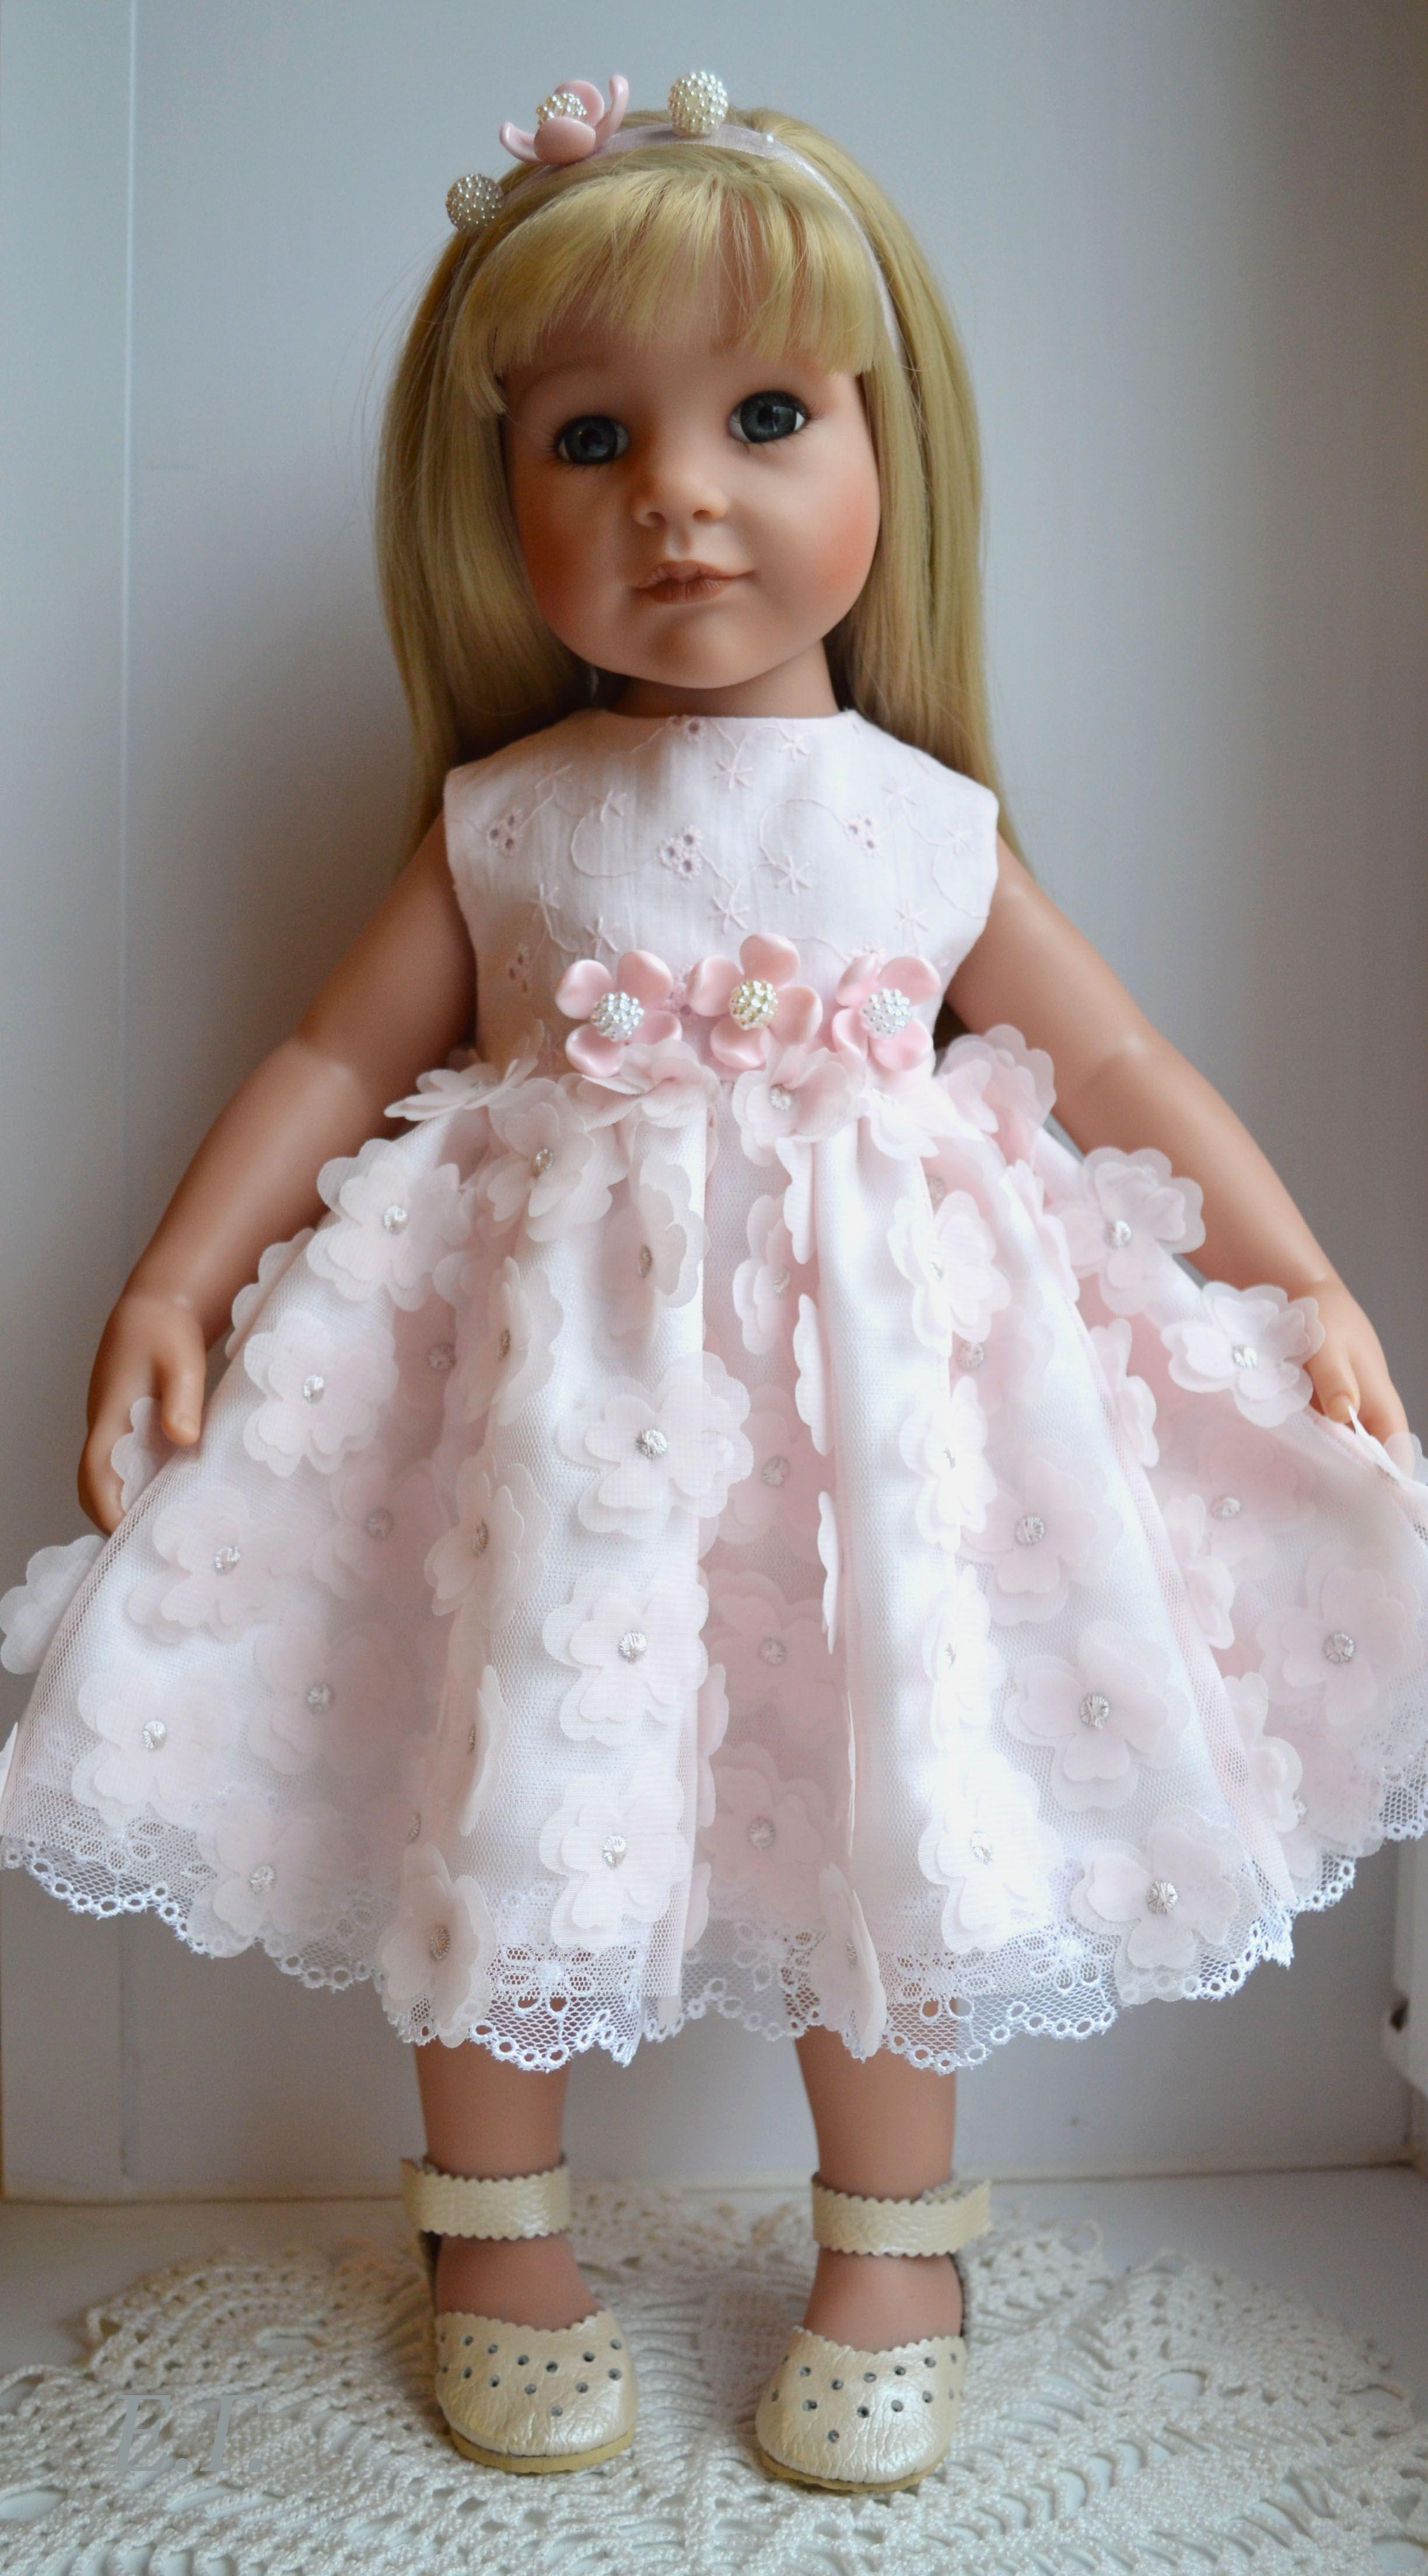 Pin von Елена Галочкина auf Одежда для кукол | Pinterest | Puppen